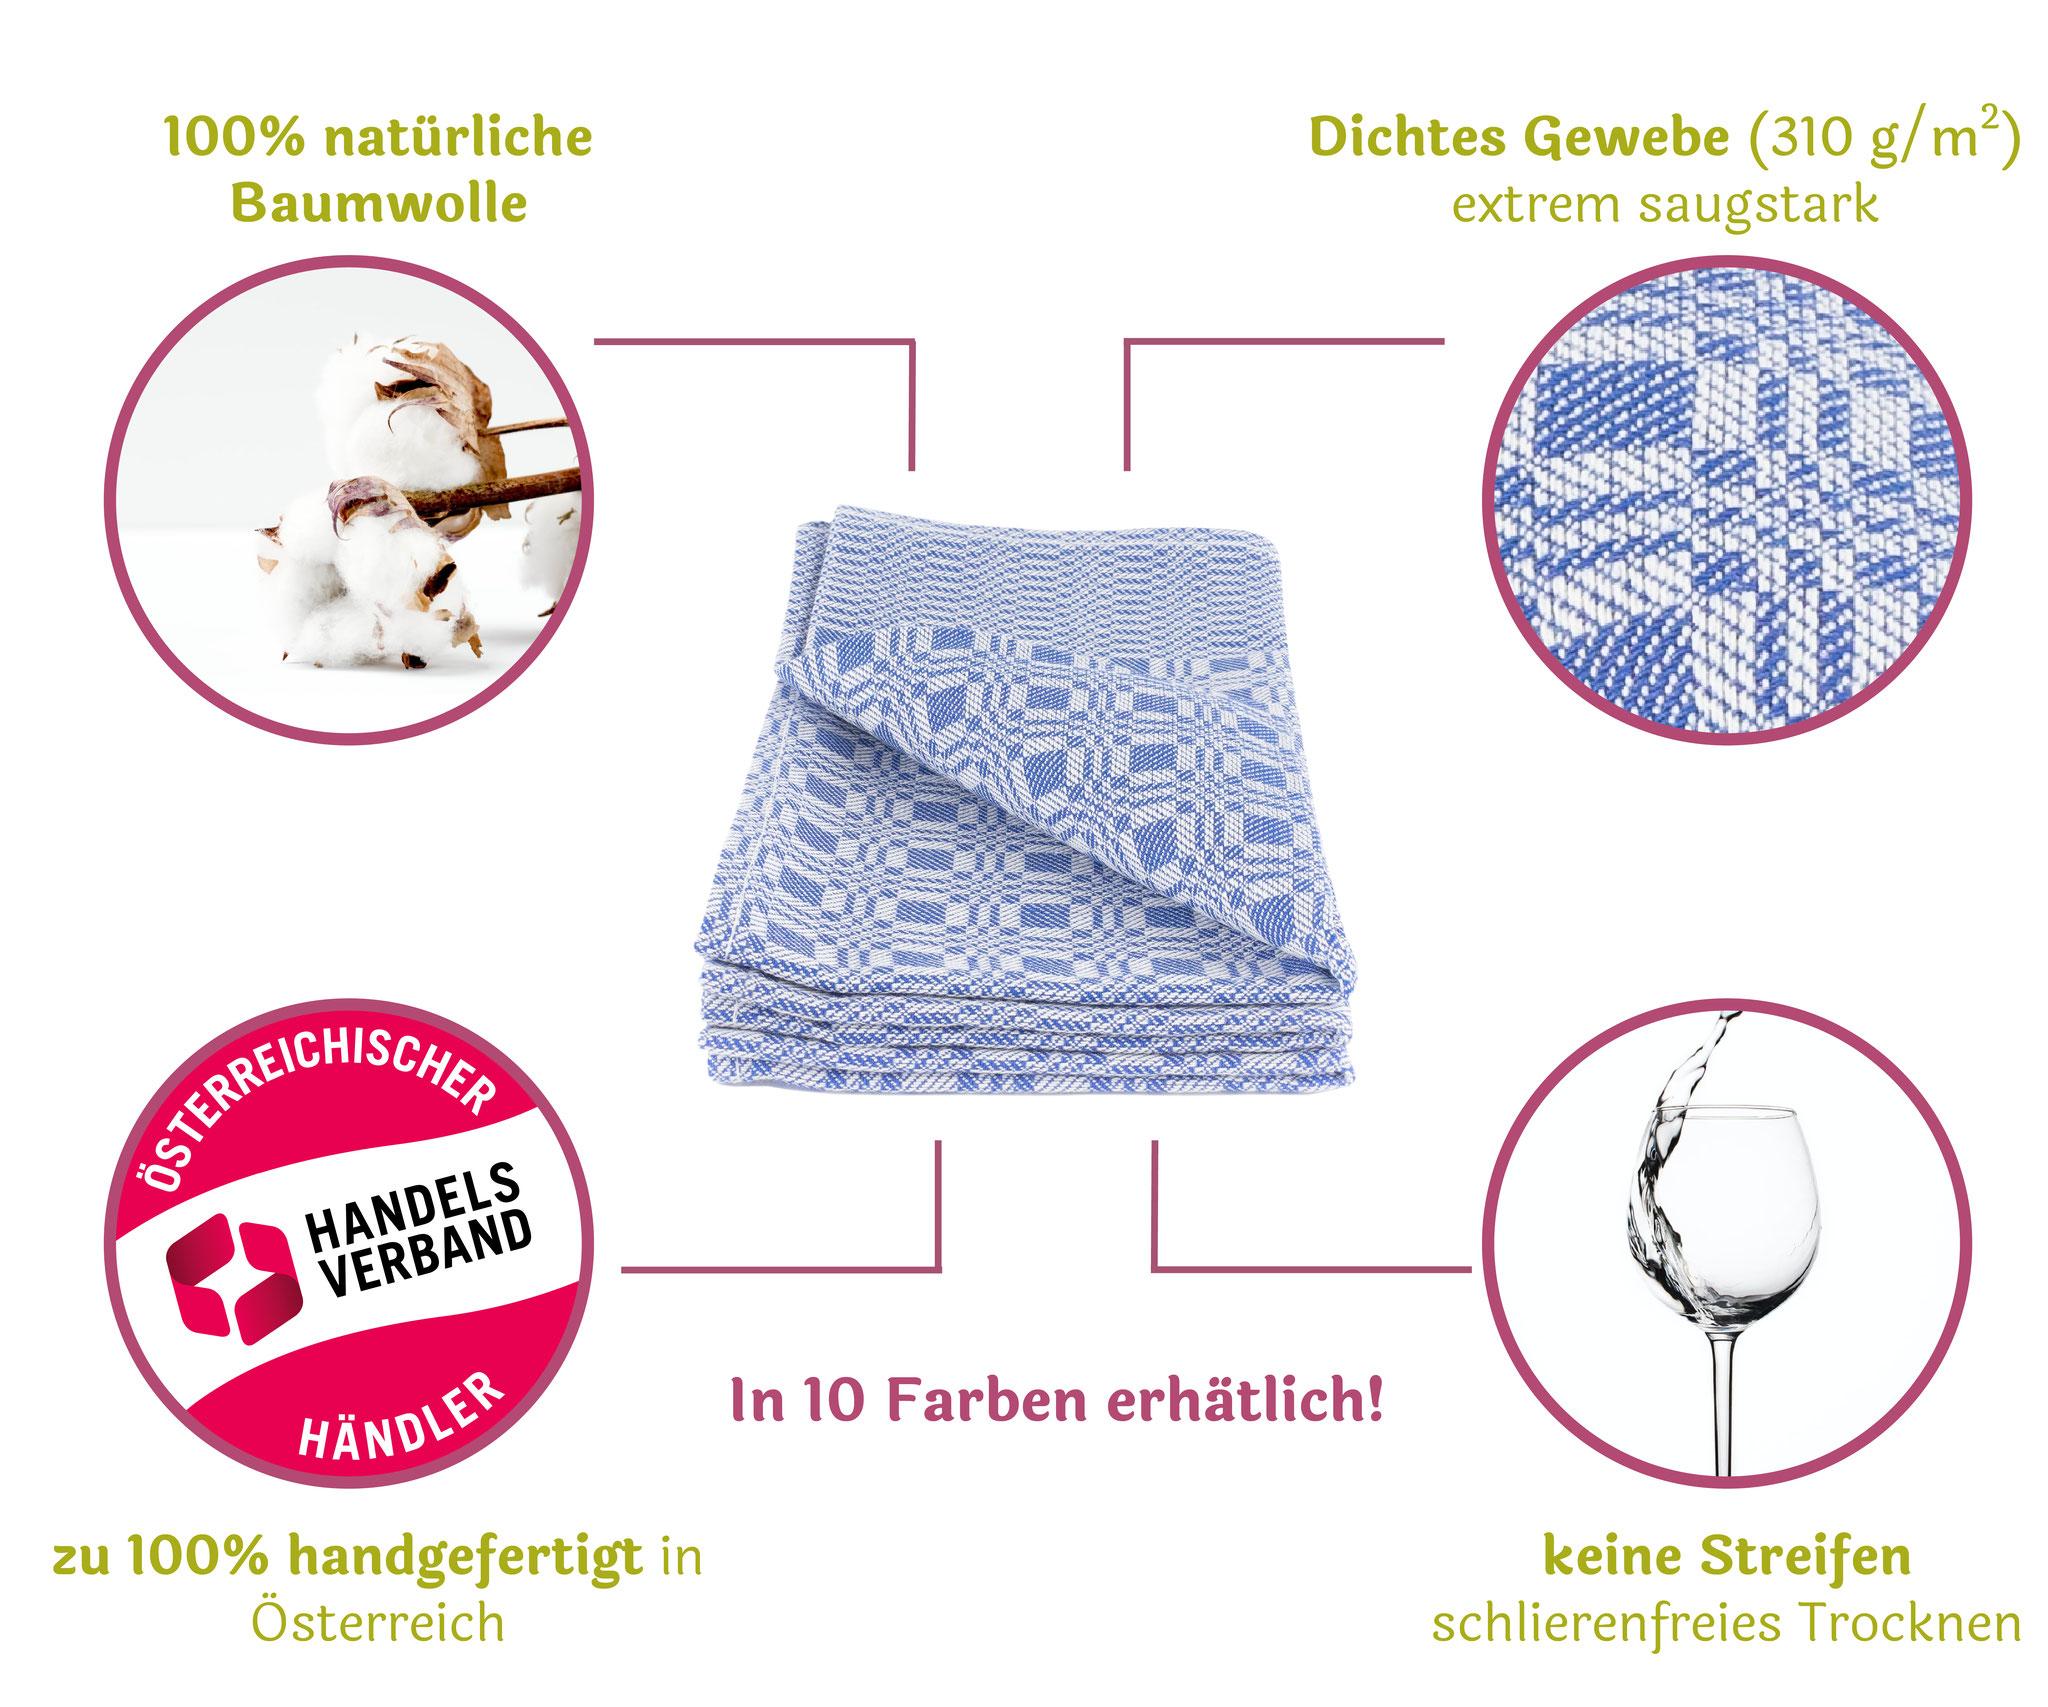 100% natüirliche Baumwolle, Dichtes Gewebe, handgefertigt in Österreich